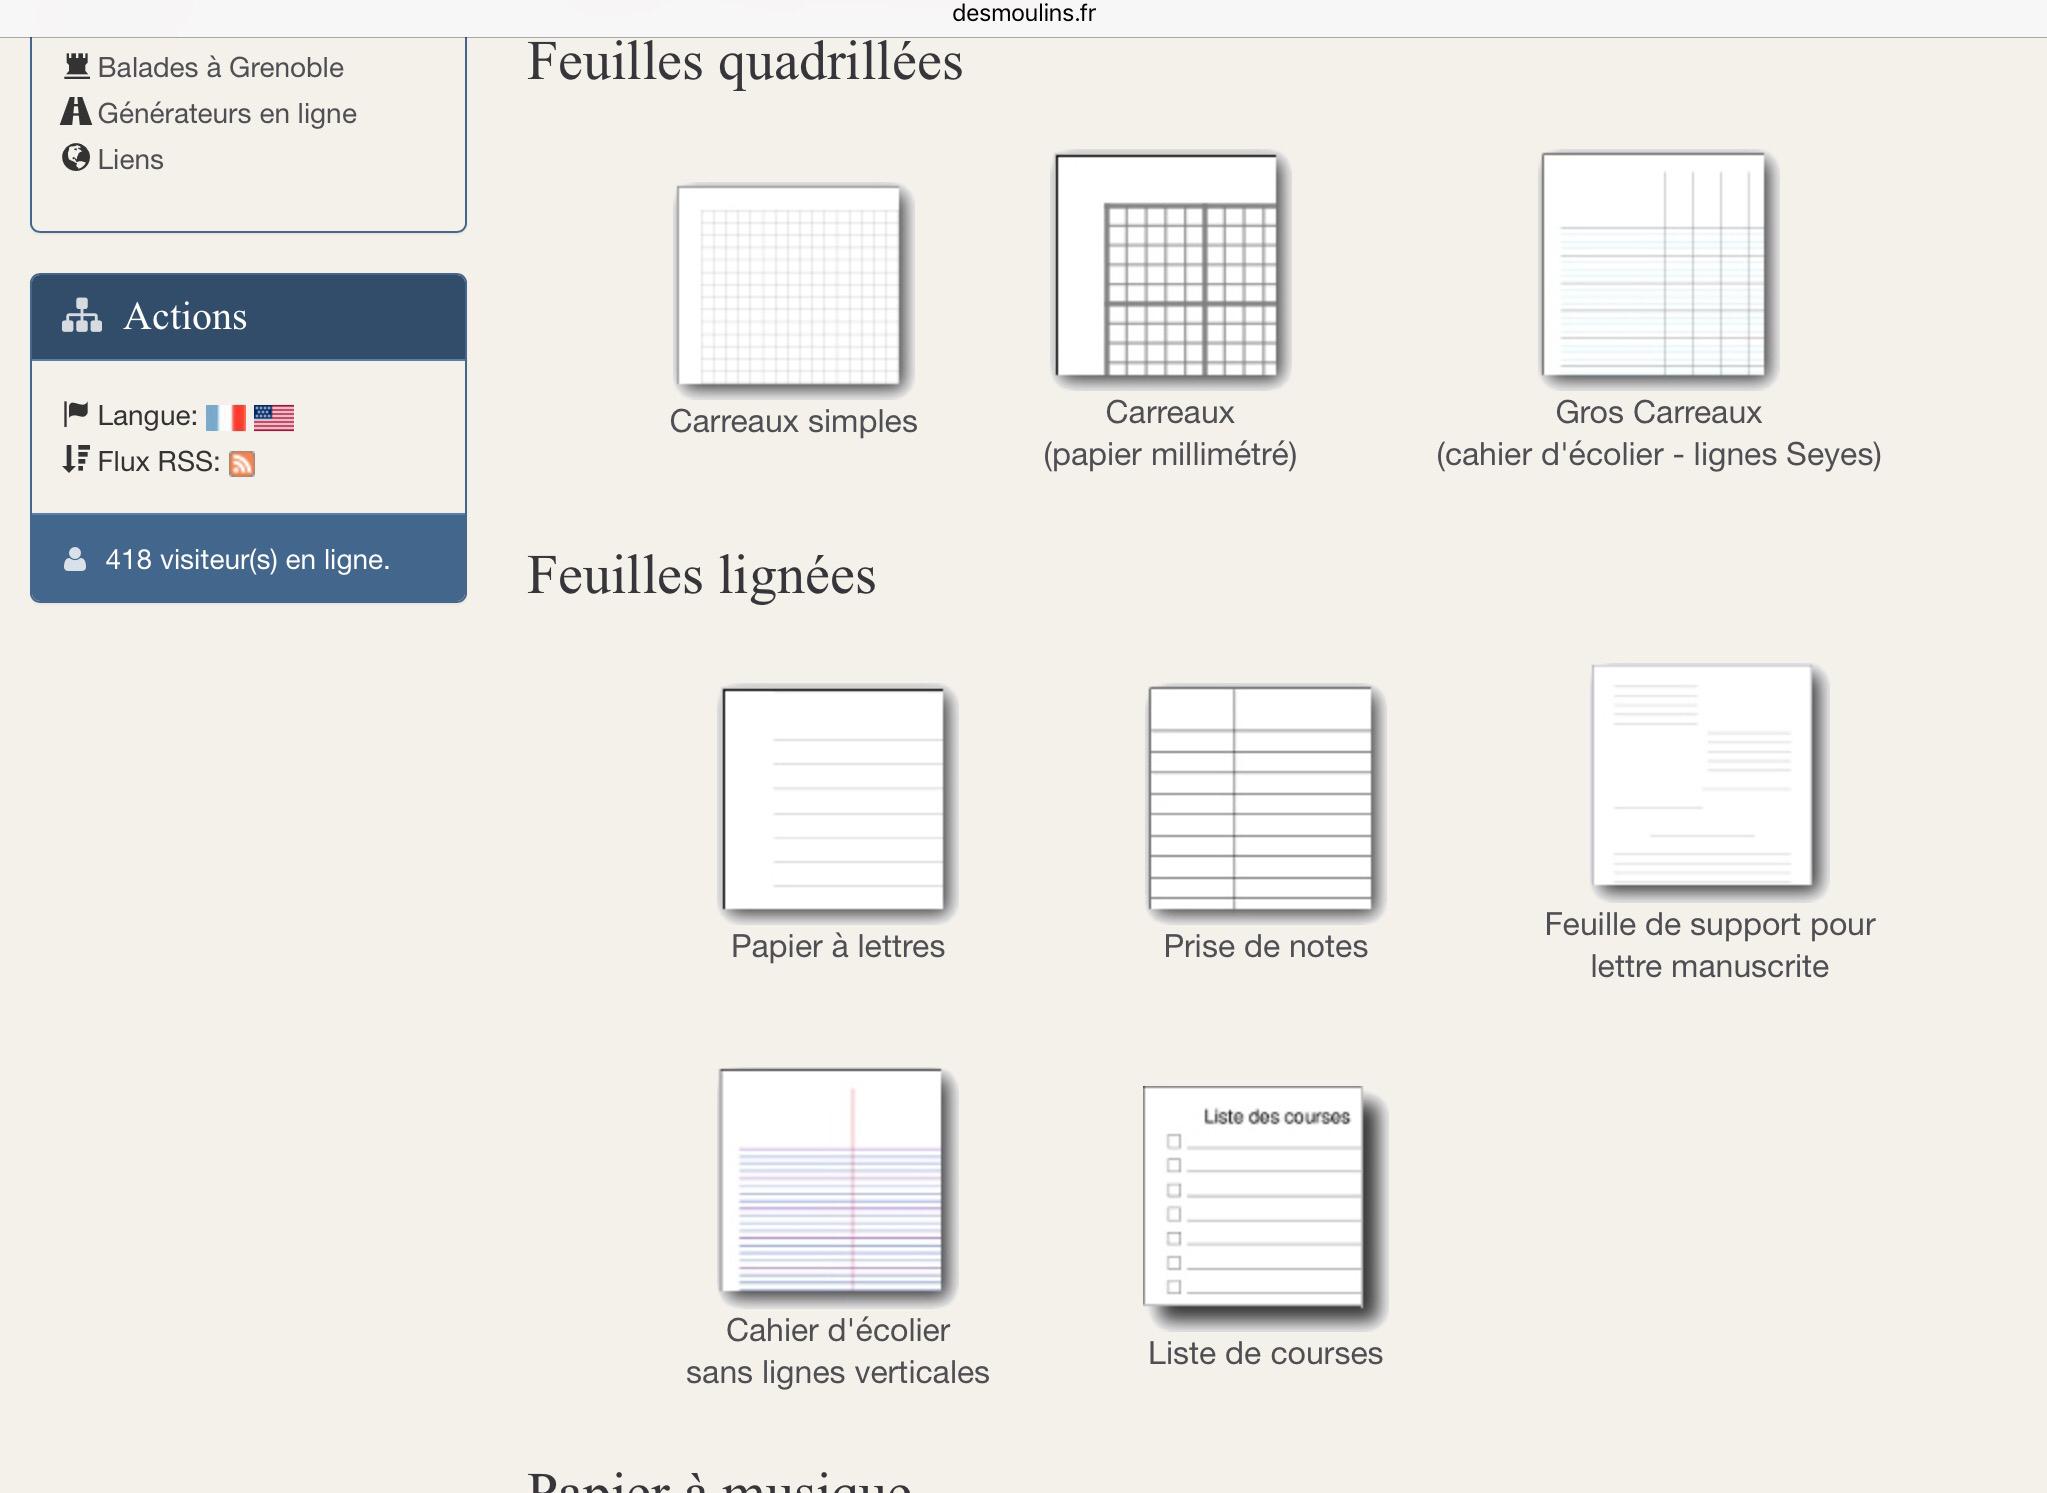 Le Générateur De Feuilles : Http://.desmoulins.fr encequiconcerne Feuille Lignée A Imprimer